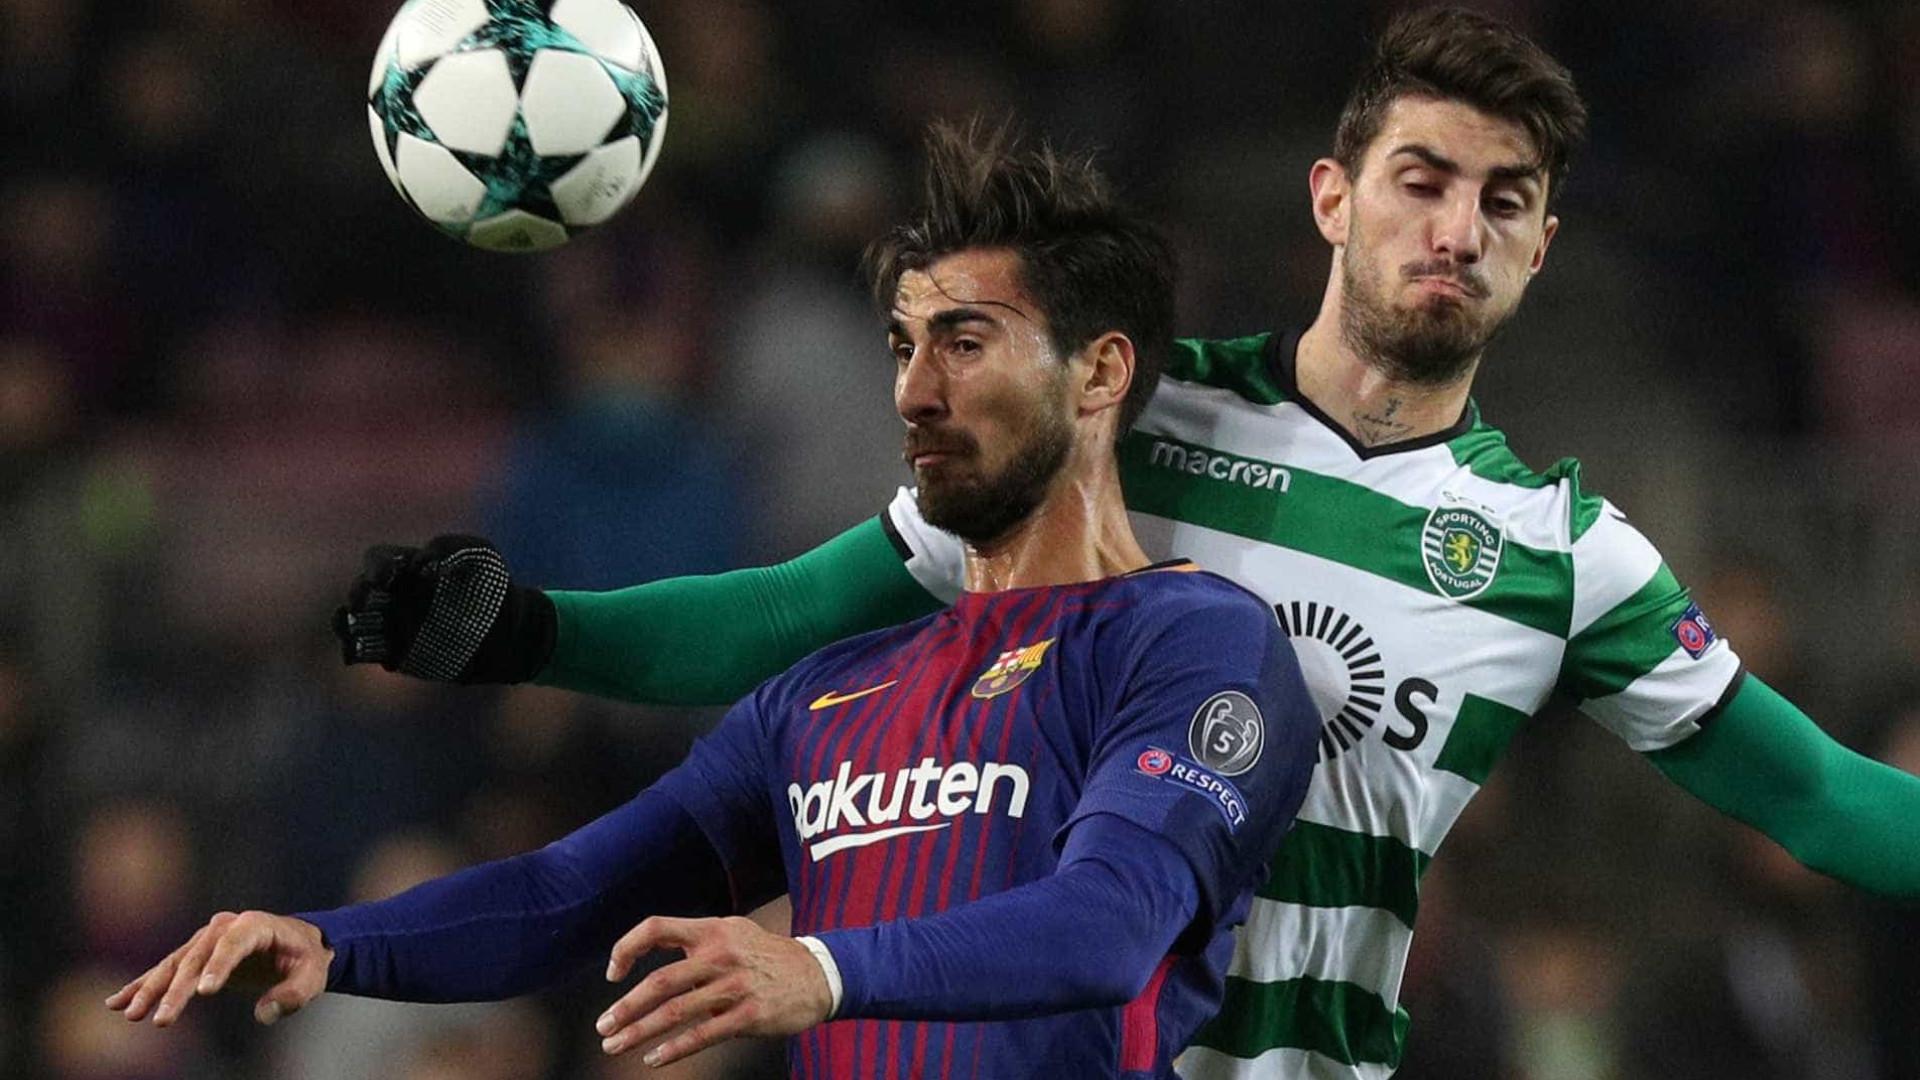 """Valverde claro sobre André Gomes: """"Se sai, quero outro do mesmo nível"""""""